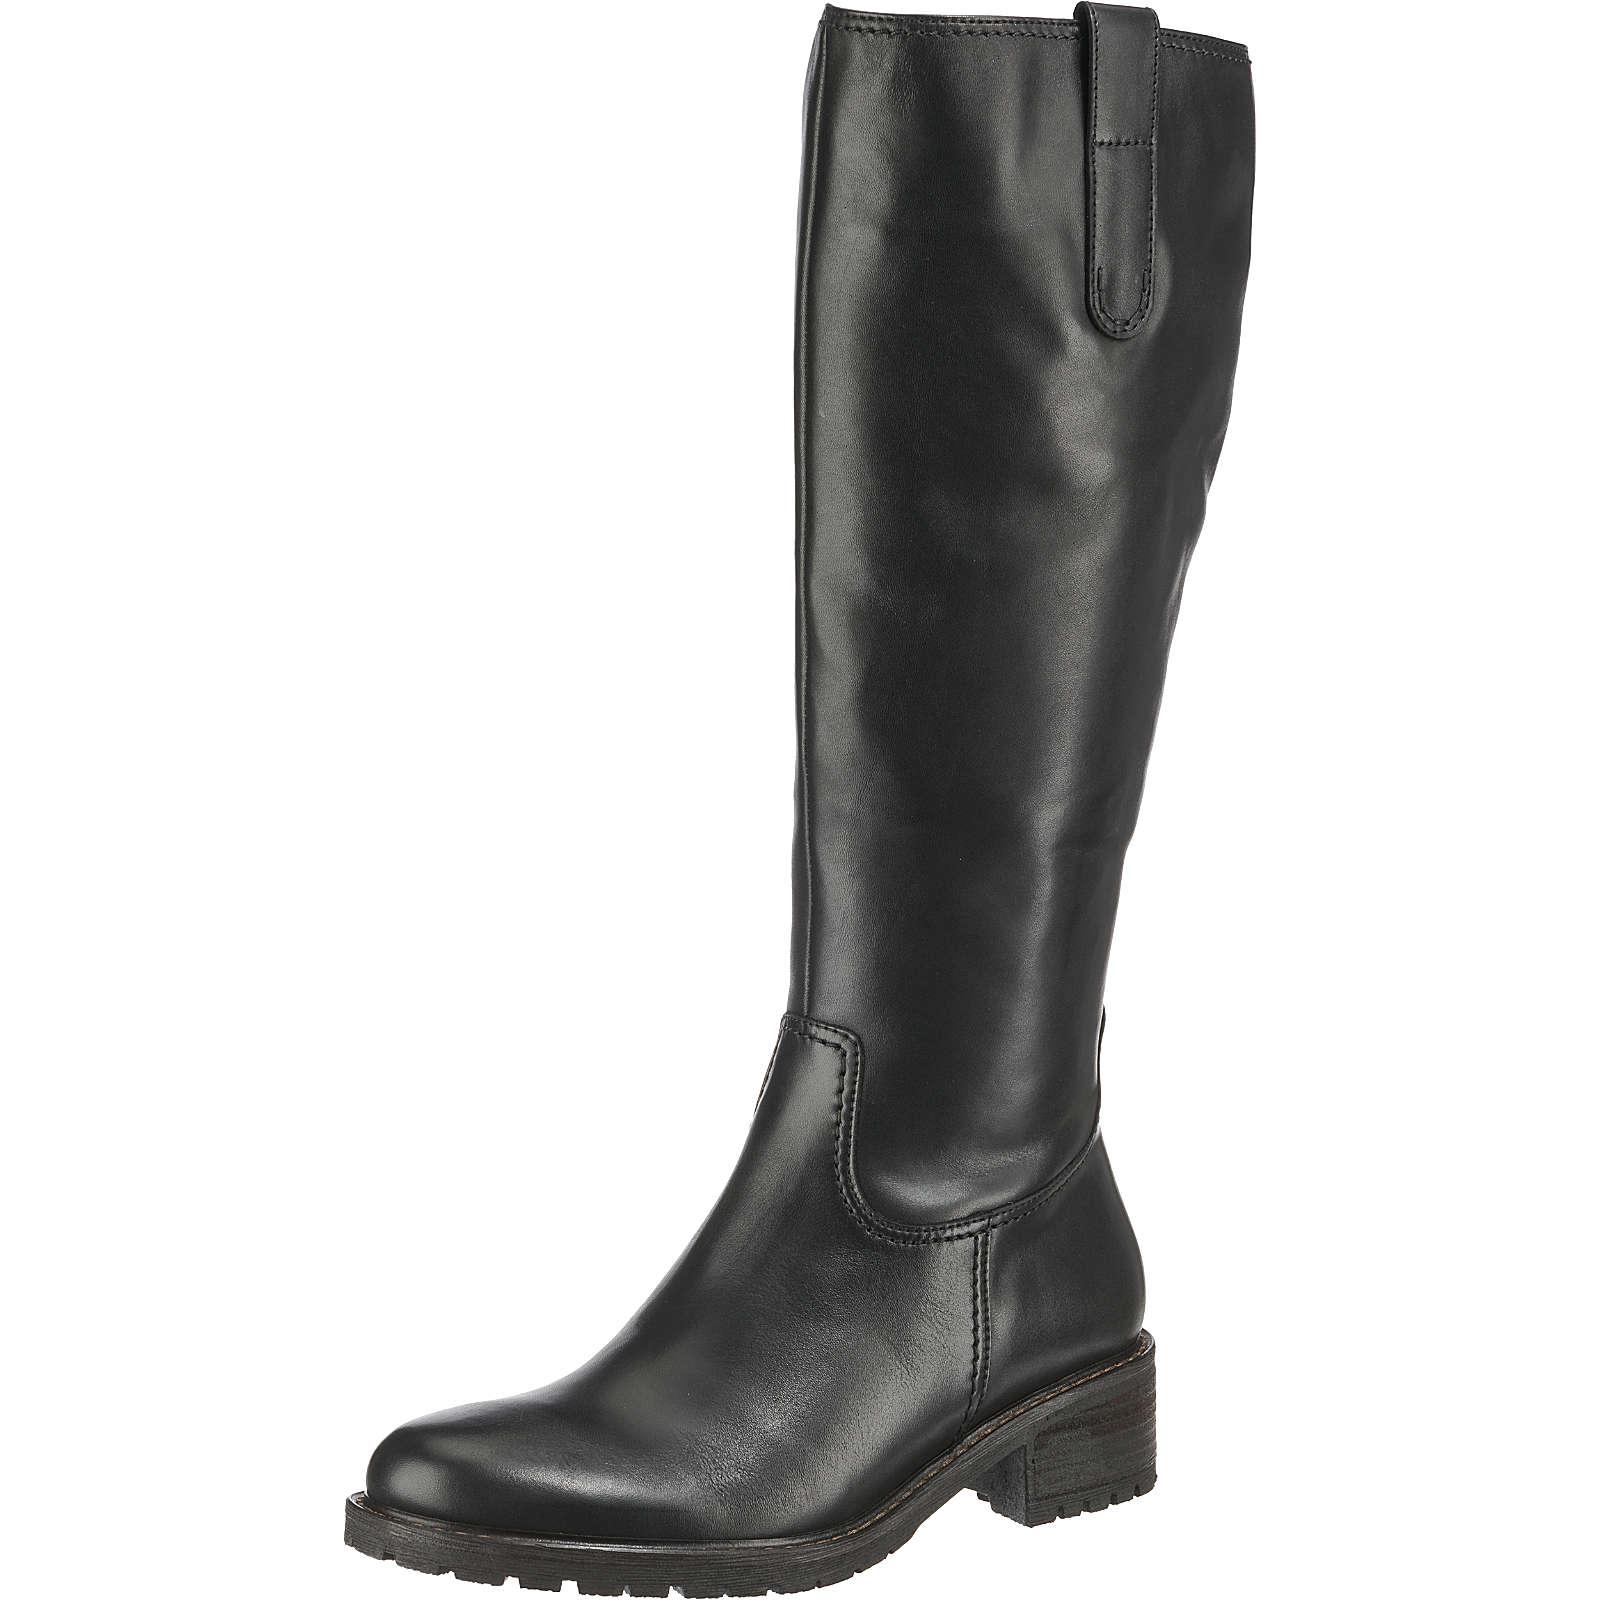 Gabor Klassische Stiefel schwarz Damen Gr. 43